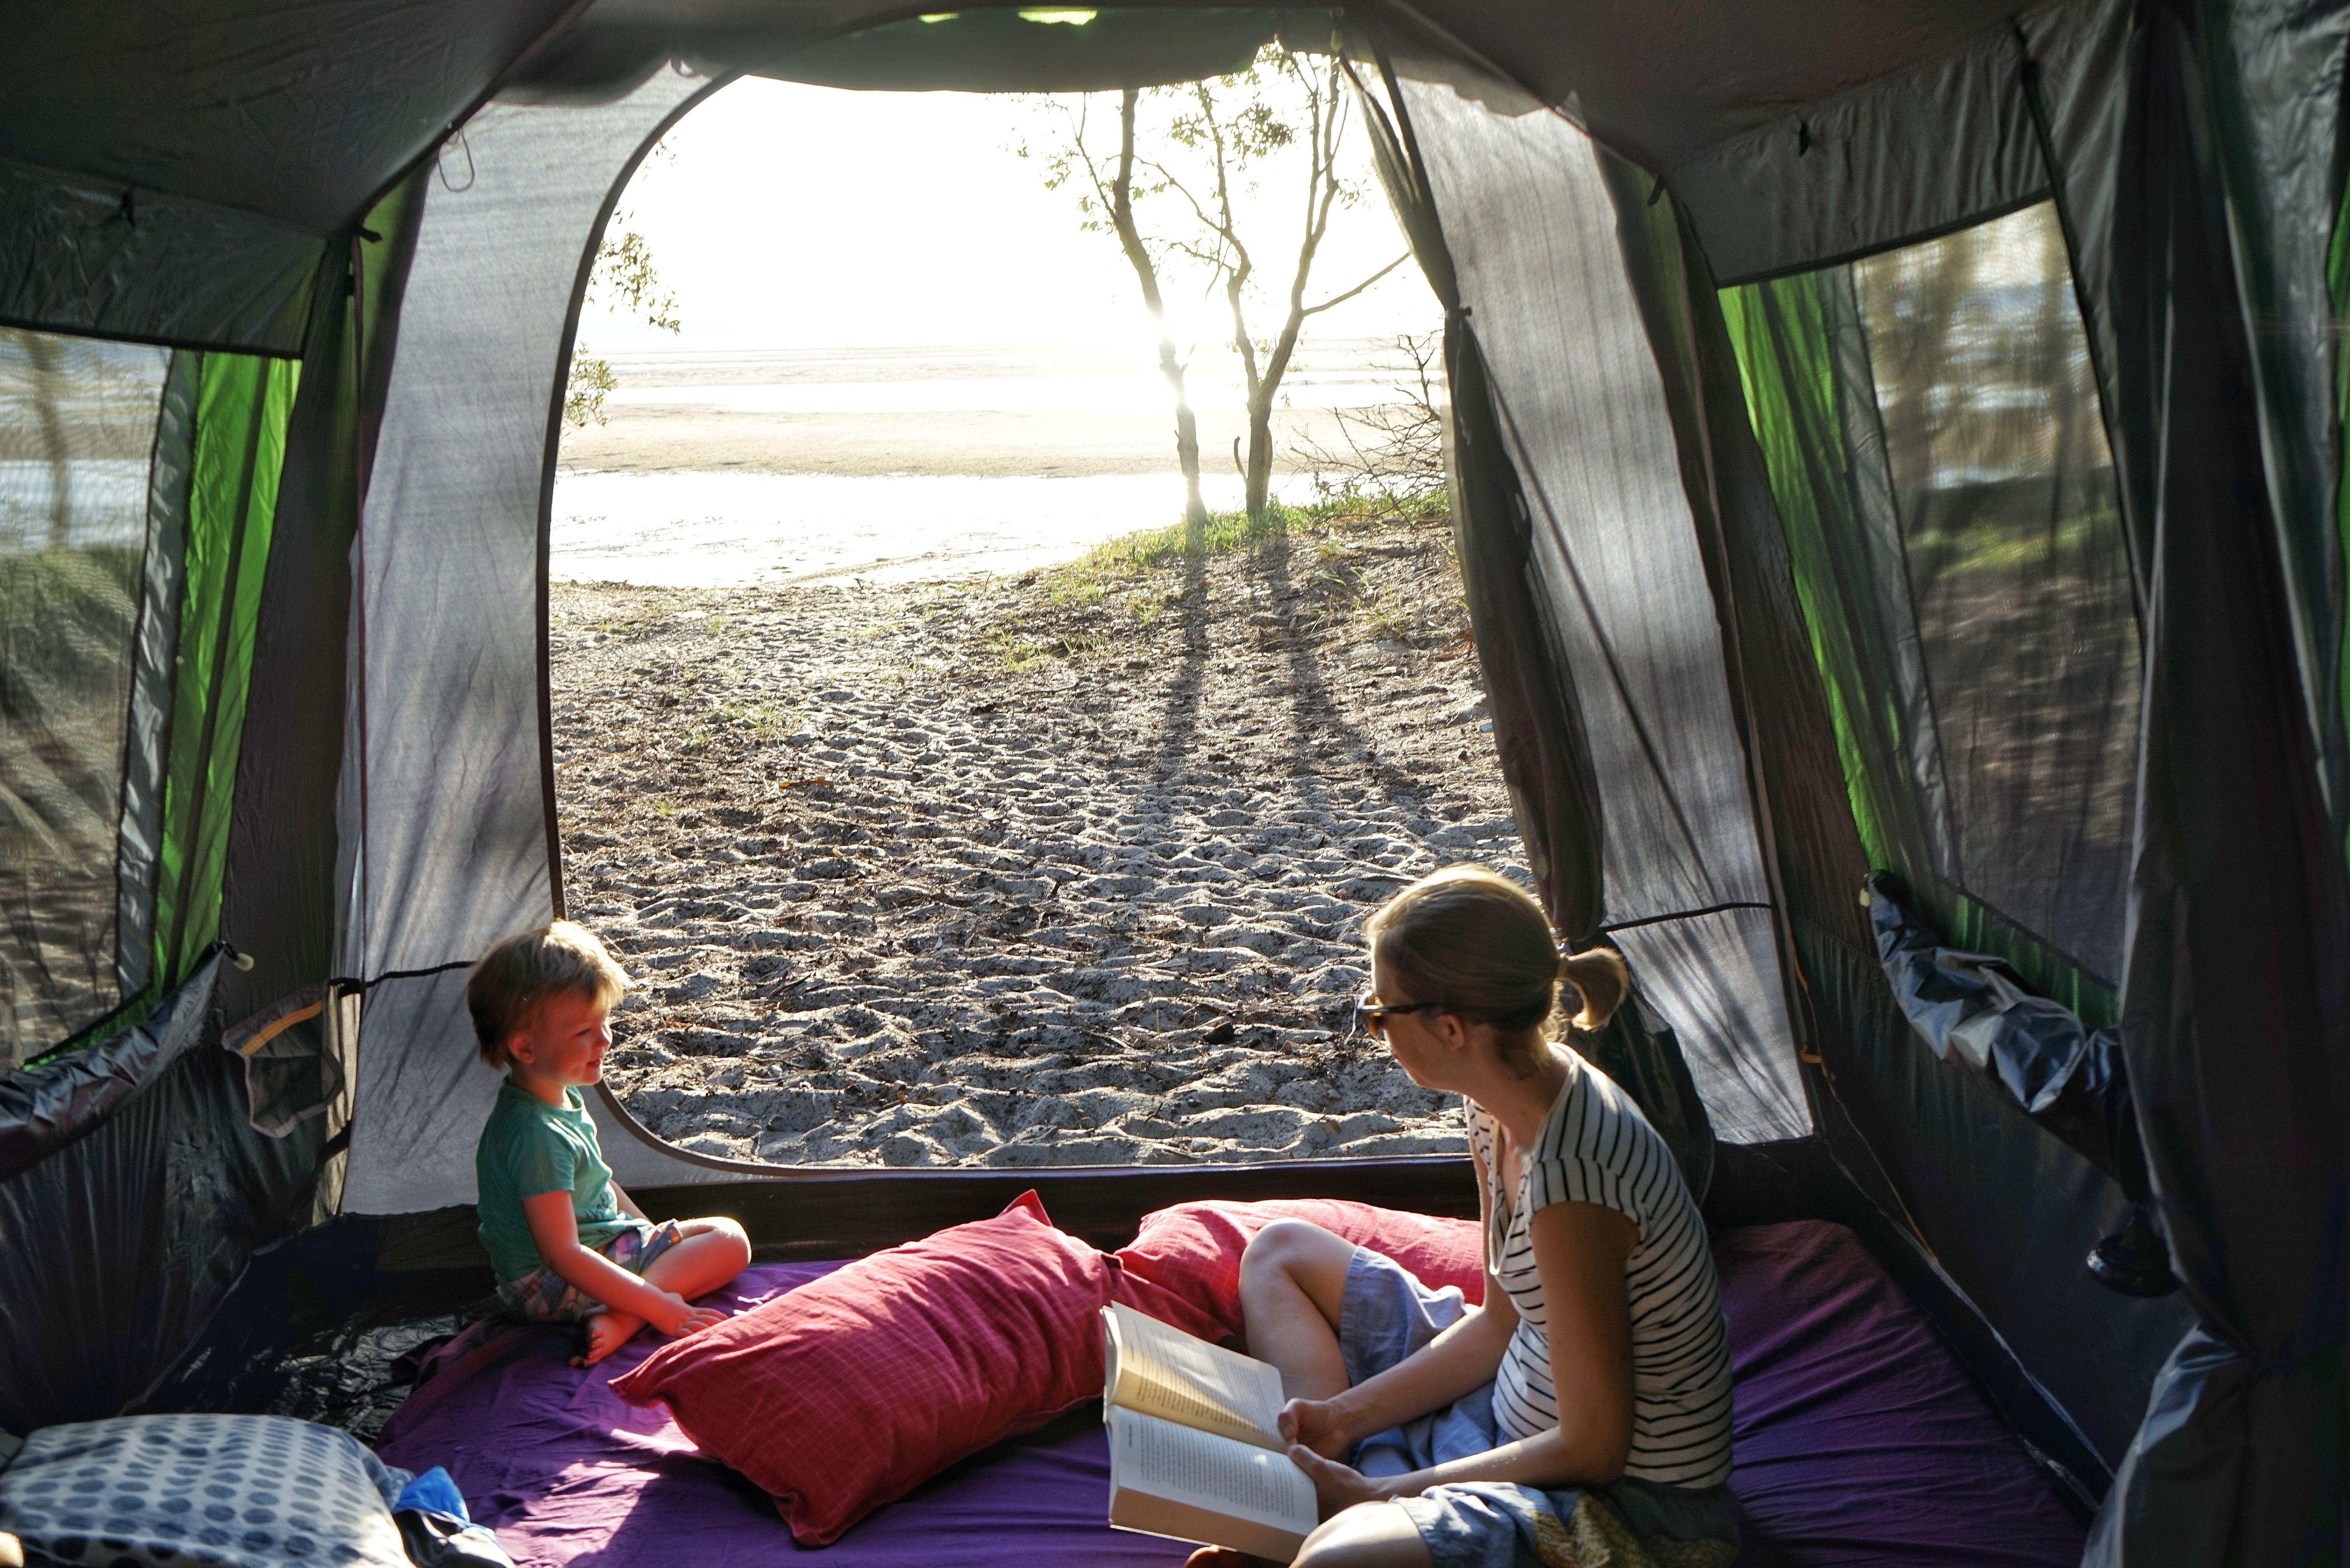 Sportiva 9 Person Dome Tent | Dome tent, Tent, Dome